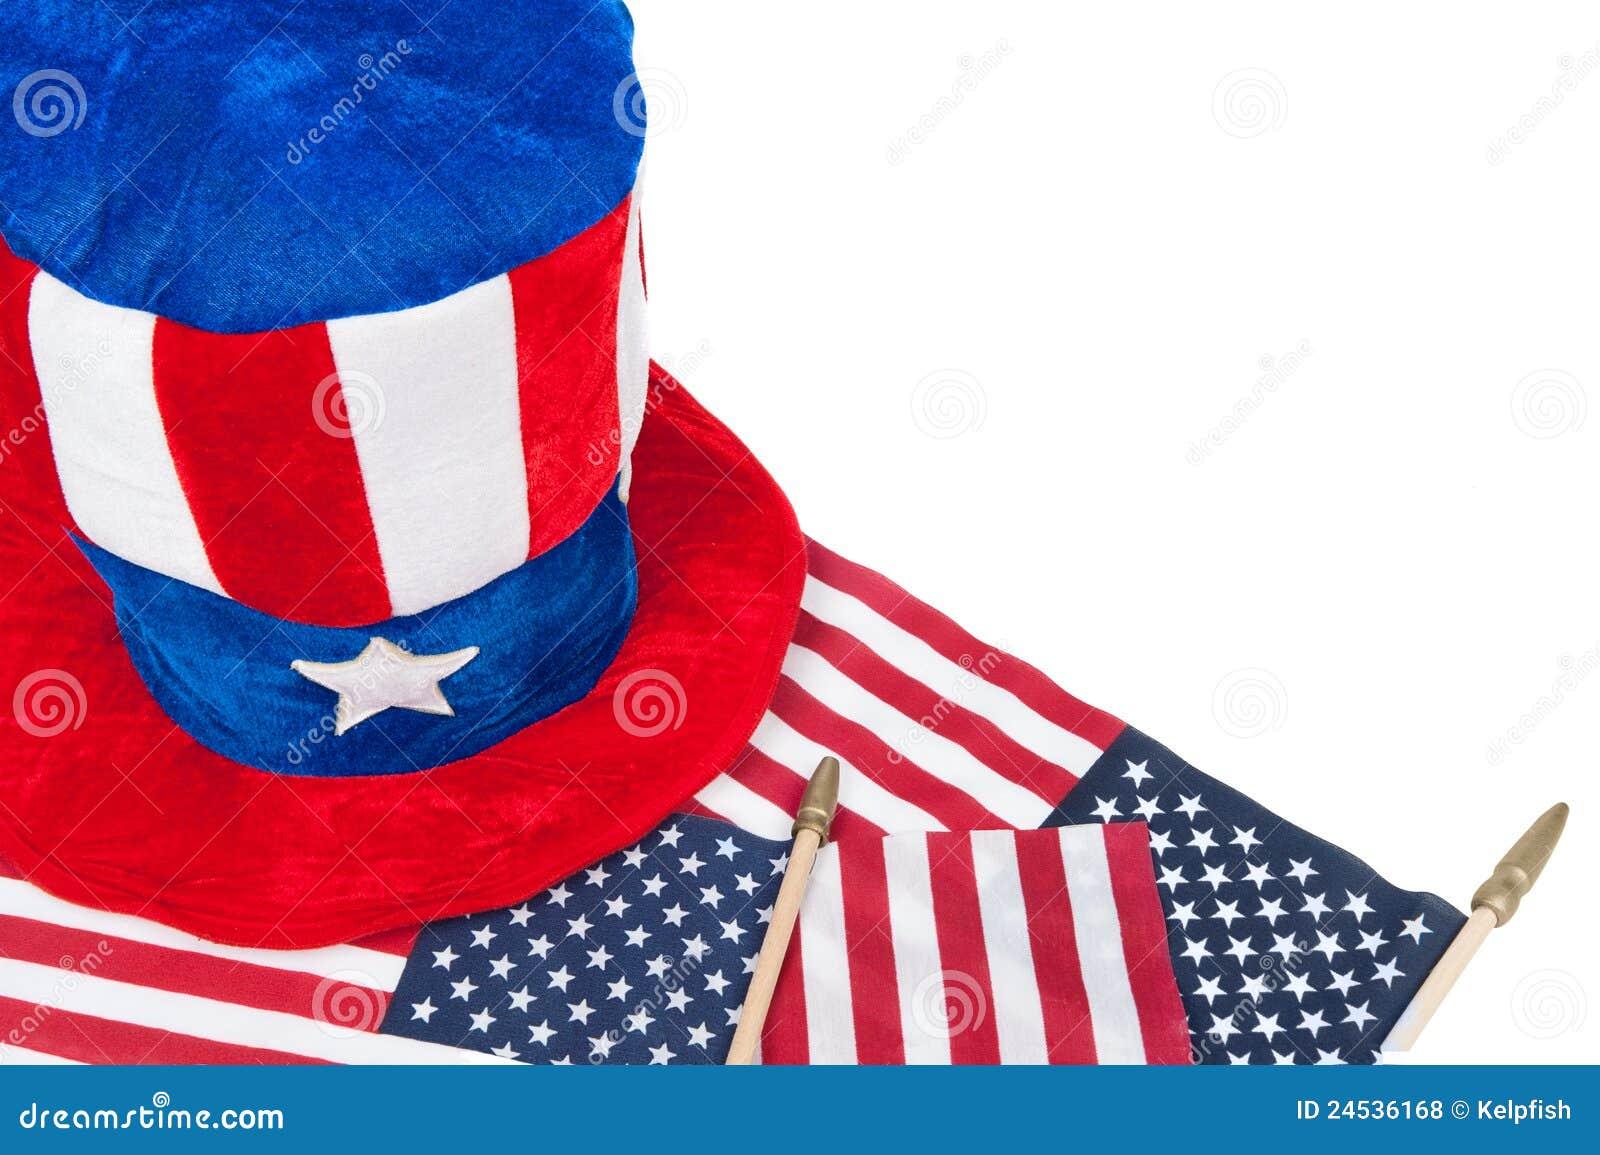 Patriotic Theme Stock Photo. Image Of Element